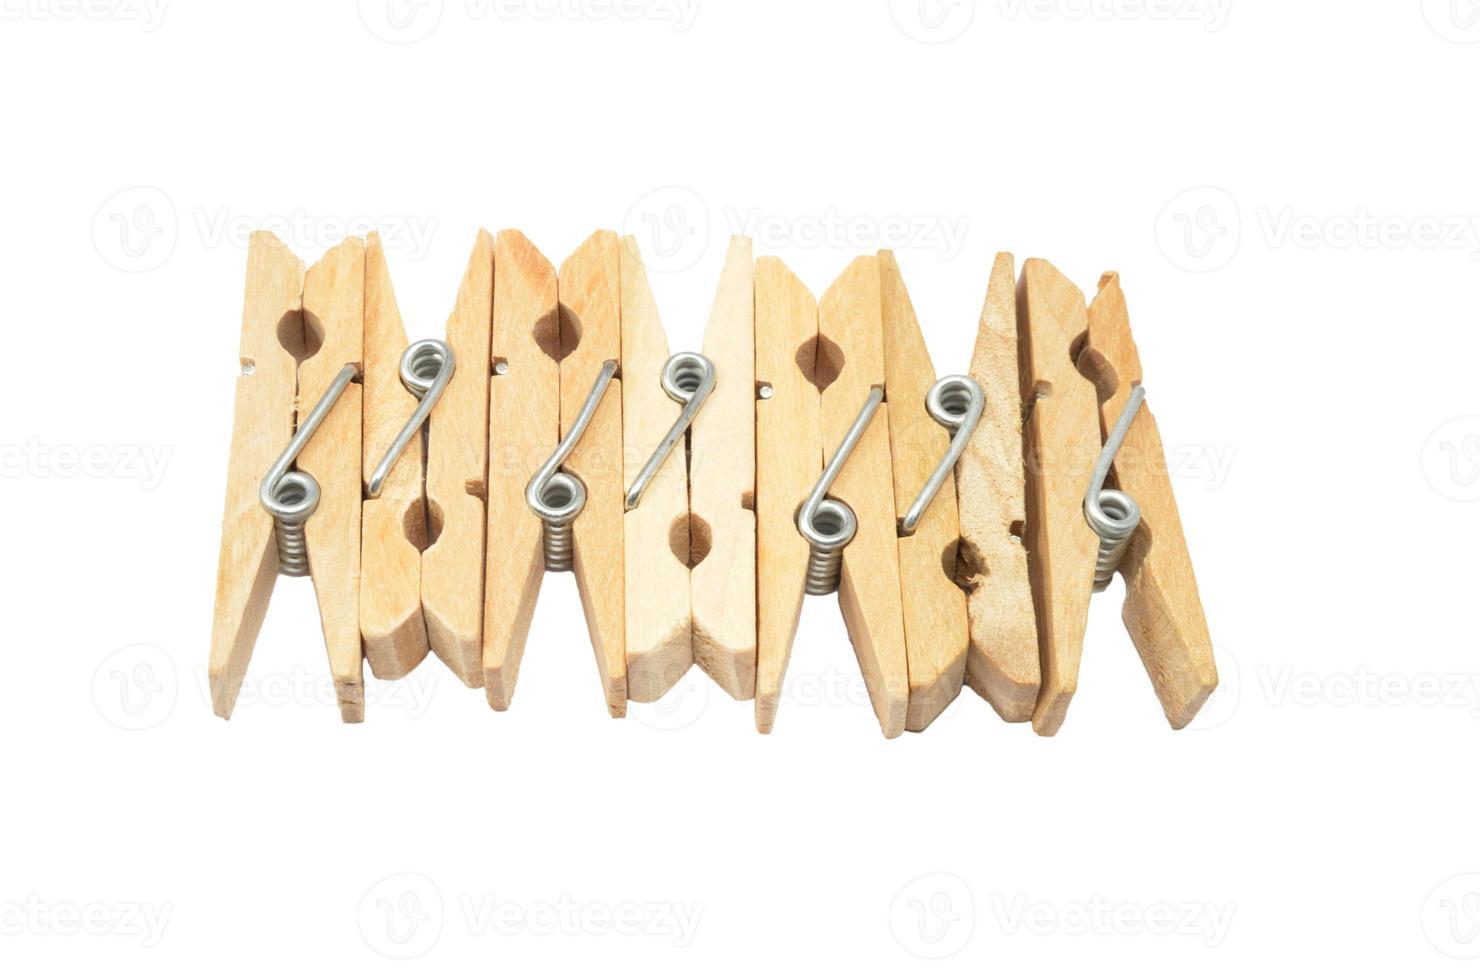 pinces à linge en bois photo